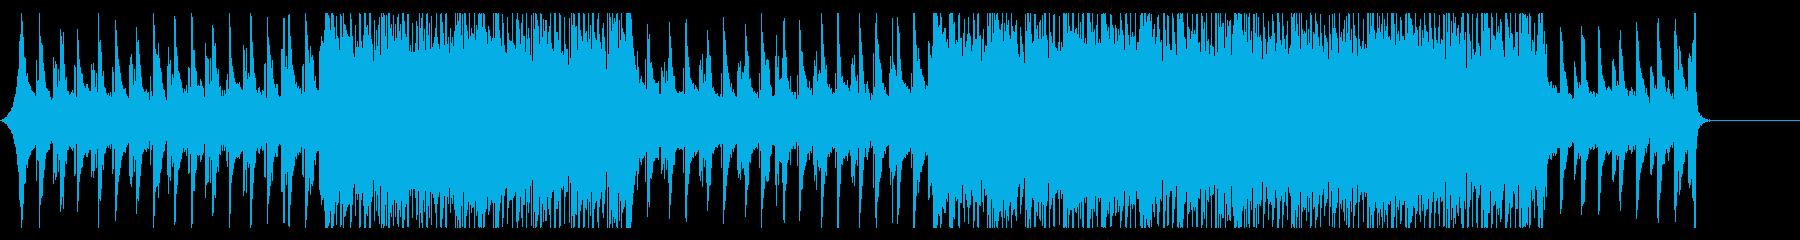 爽やかなコーポレートムービー向けBGMの再生済みの波形